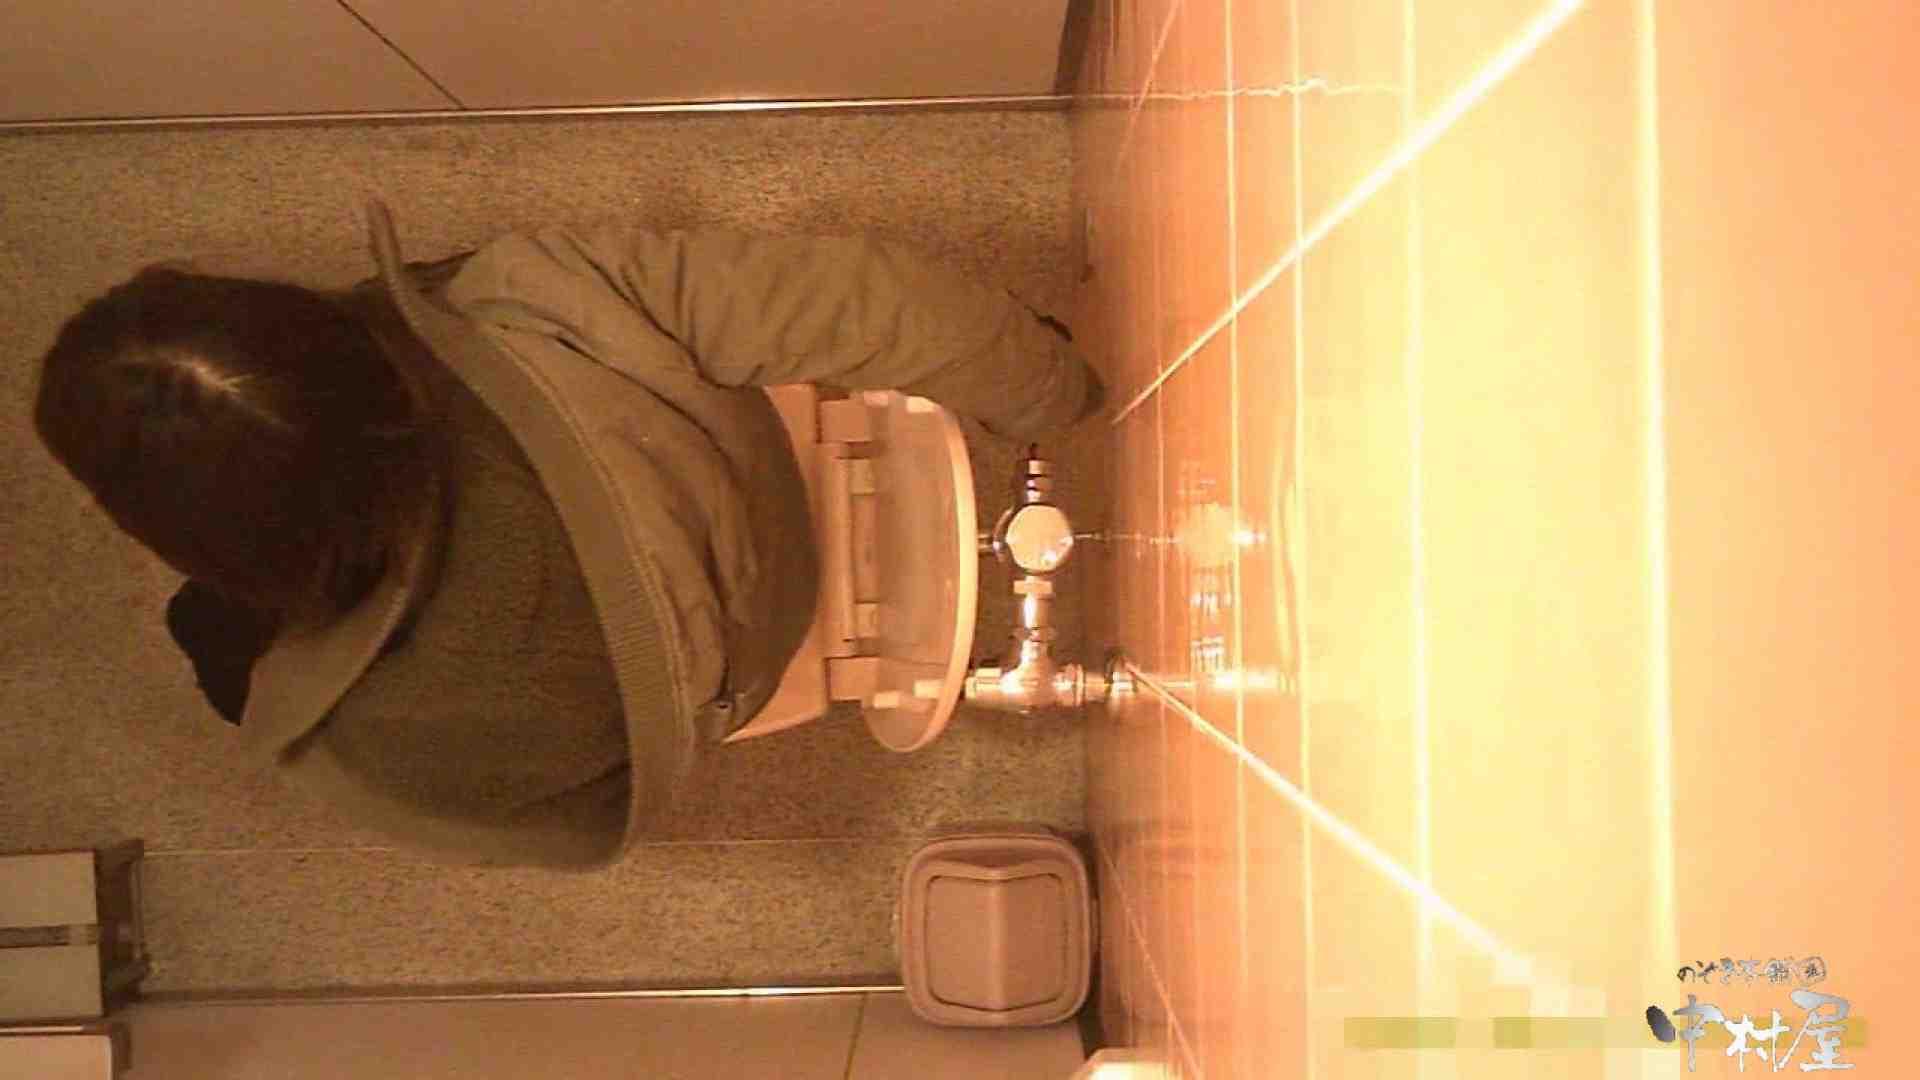 初盗撮!女盗撮師カレンさんの 潜入!女子トイレ盗撮!Vol.5 盗撮 アダルト動画キャプチャ 79枚 26